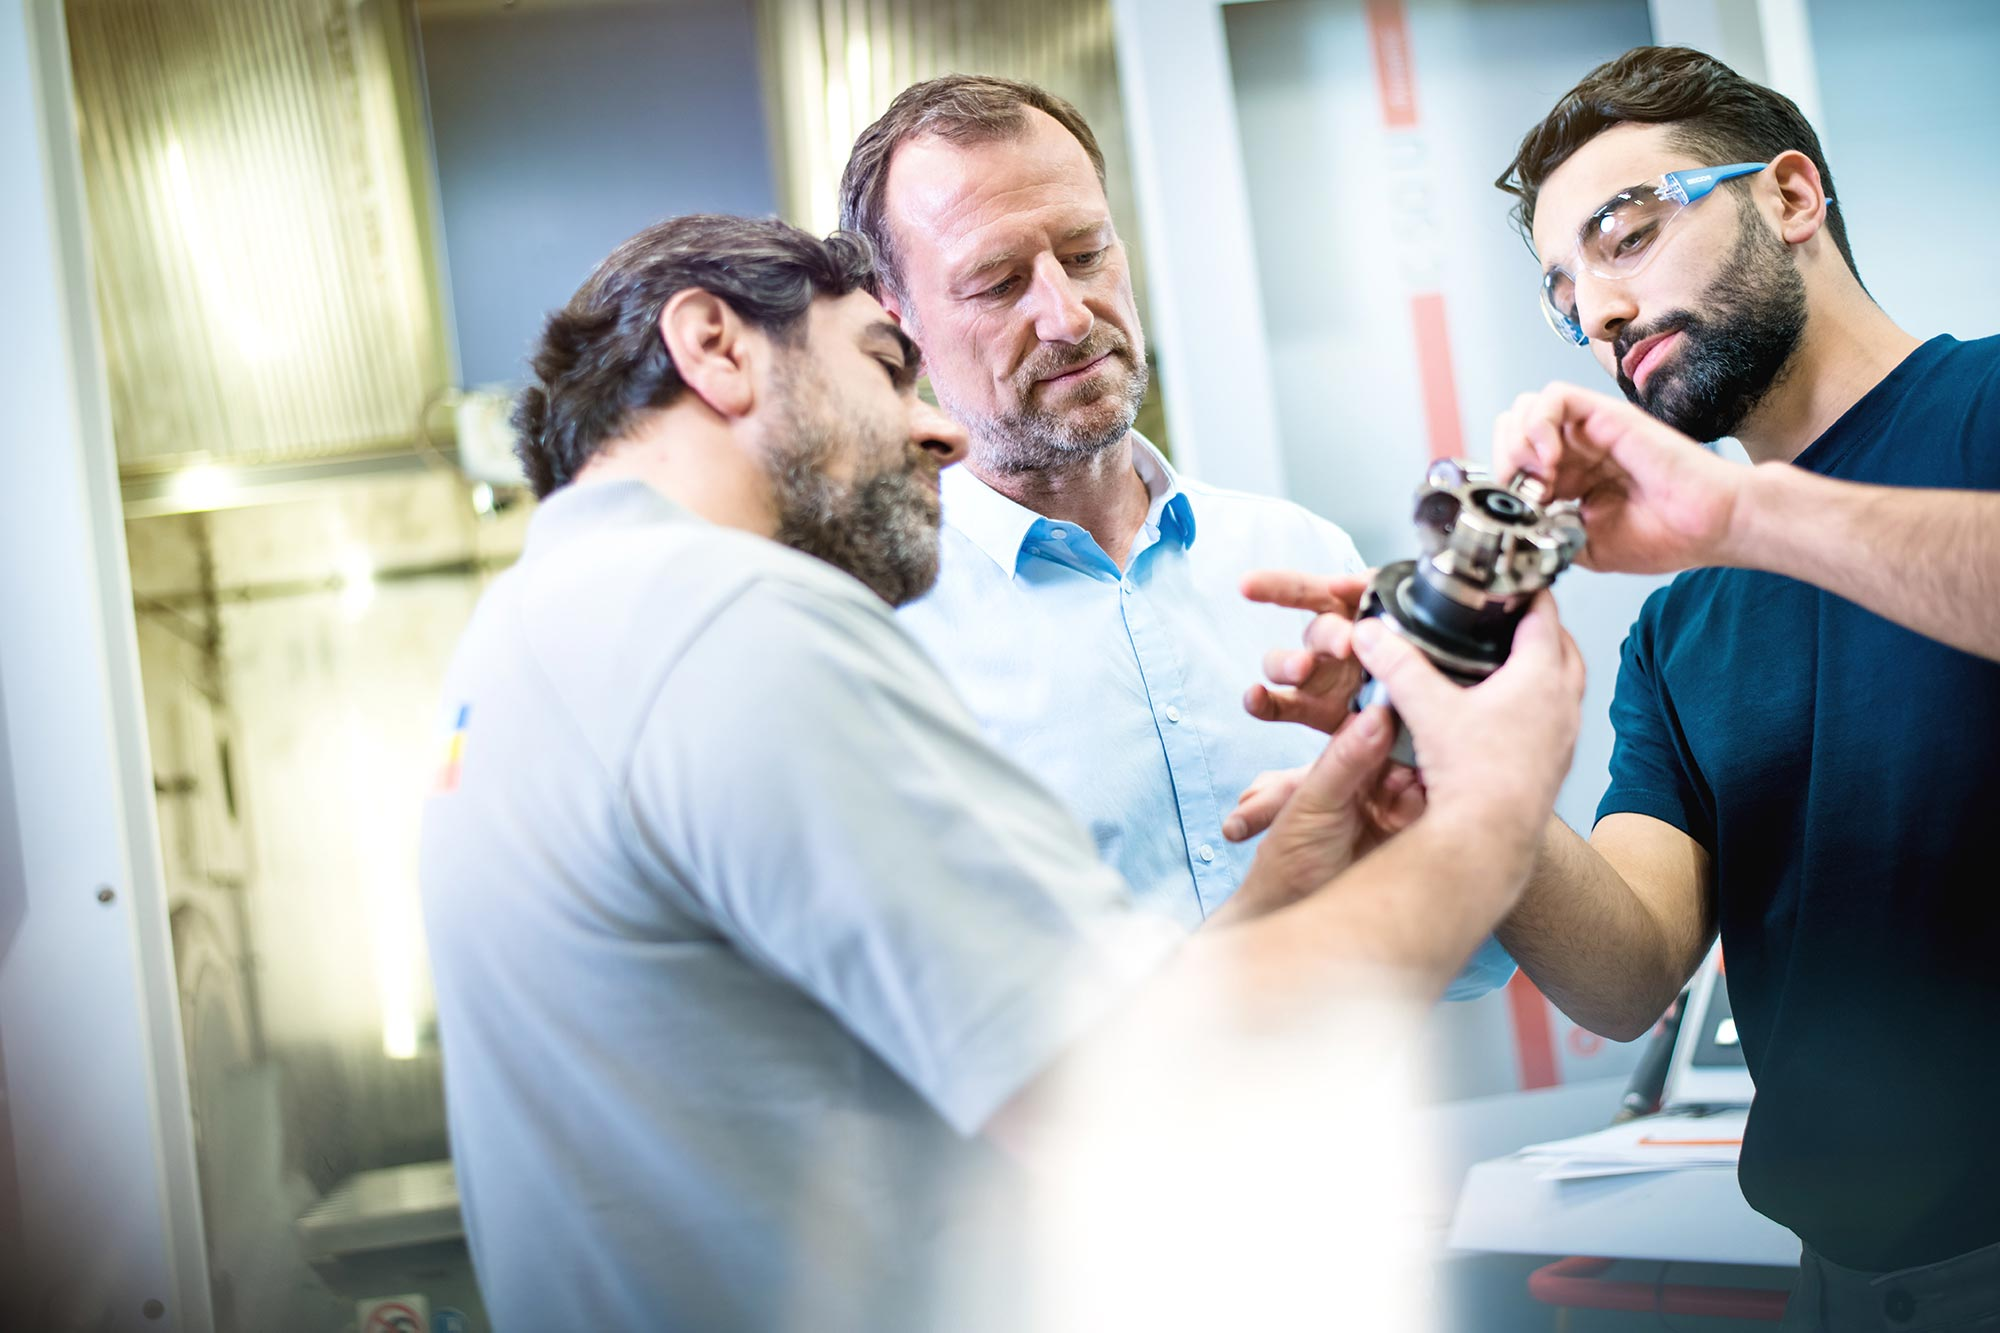 SECO-TOOLS-Global Communication Mitarbeiter der Produktion und Kunde sprechen konzentriert mit Werkzeug in der Hand vor CNC Maschine